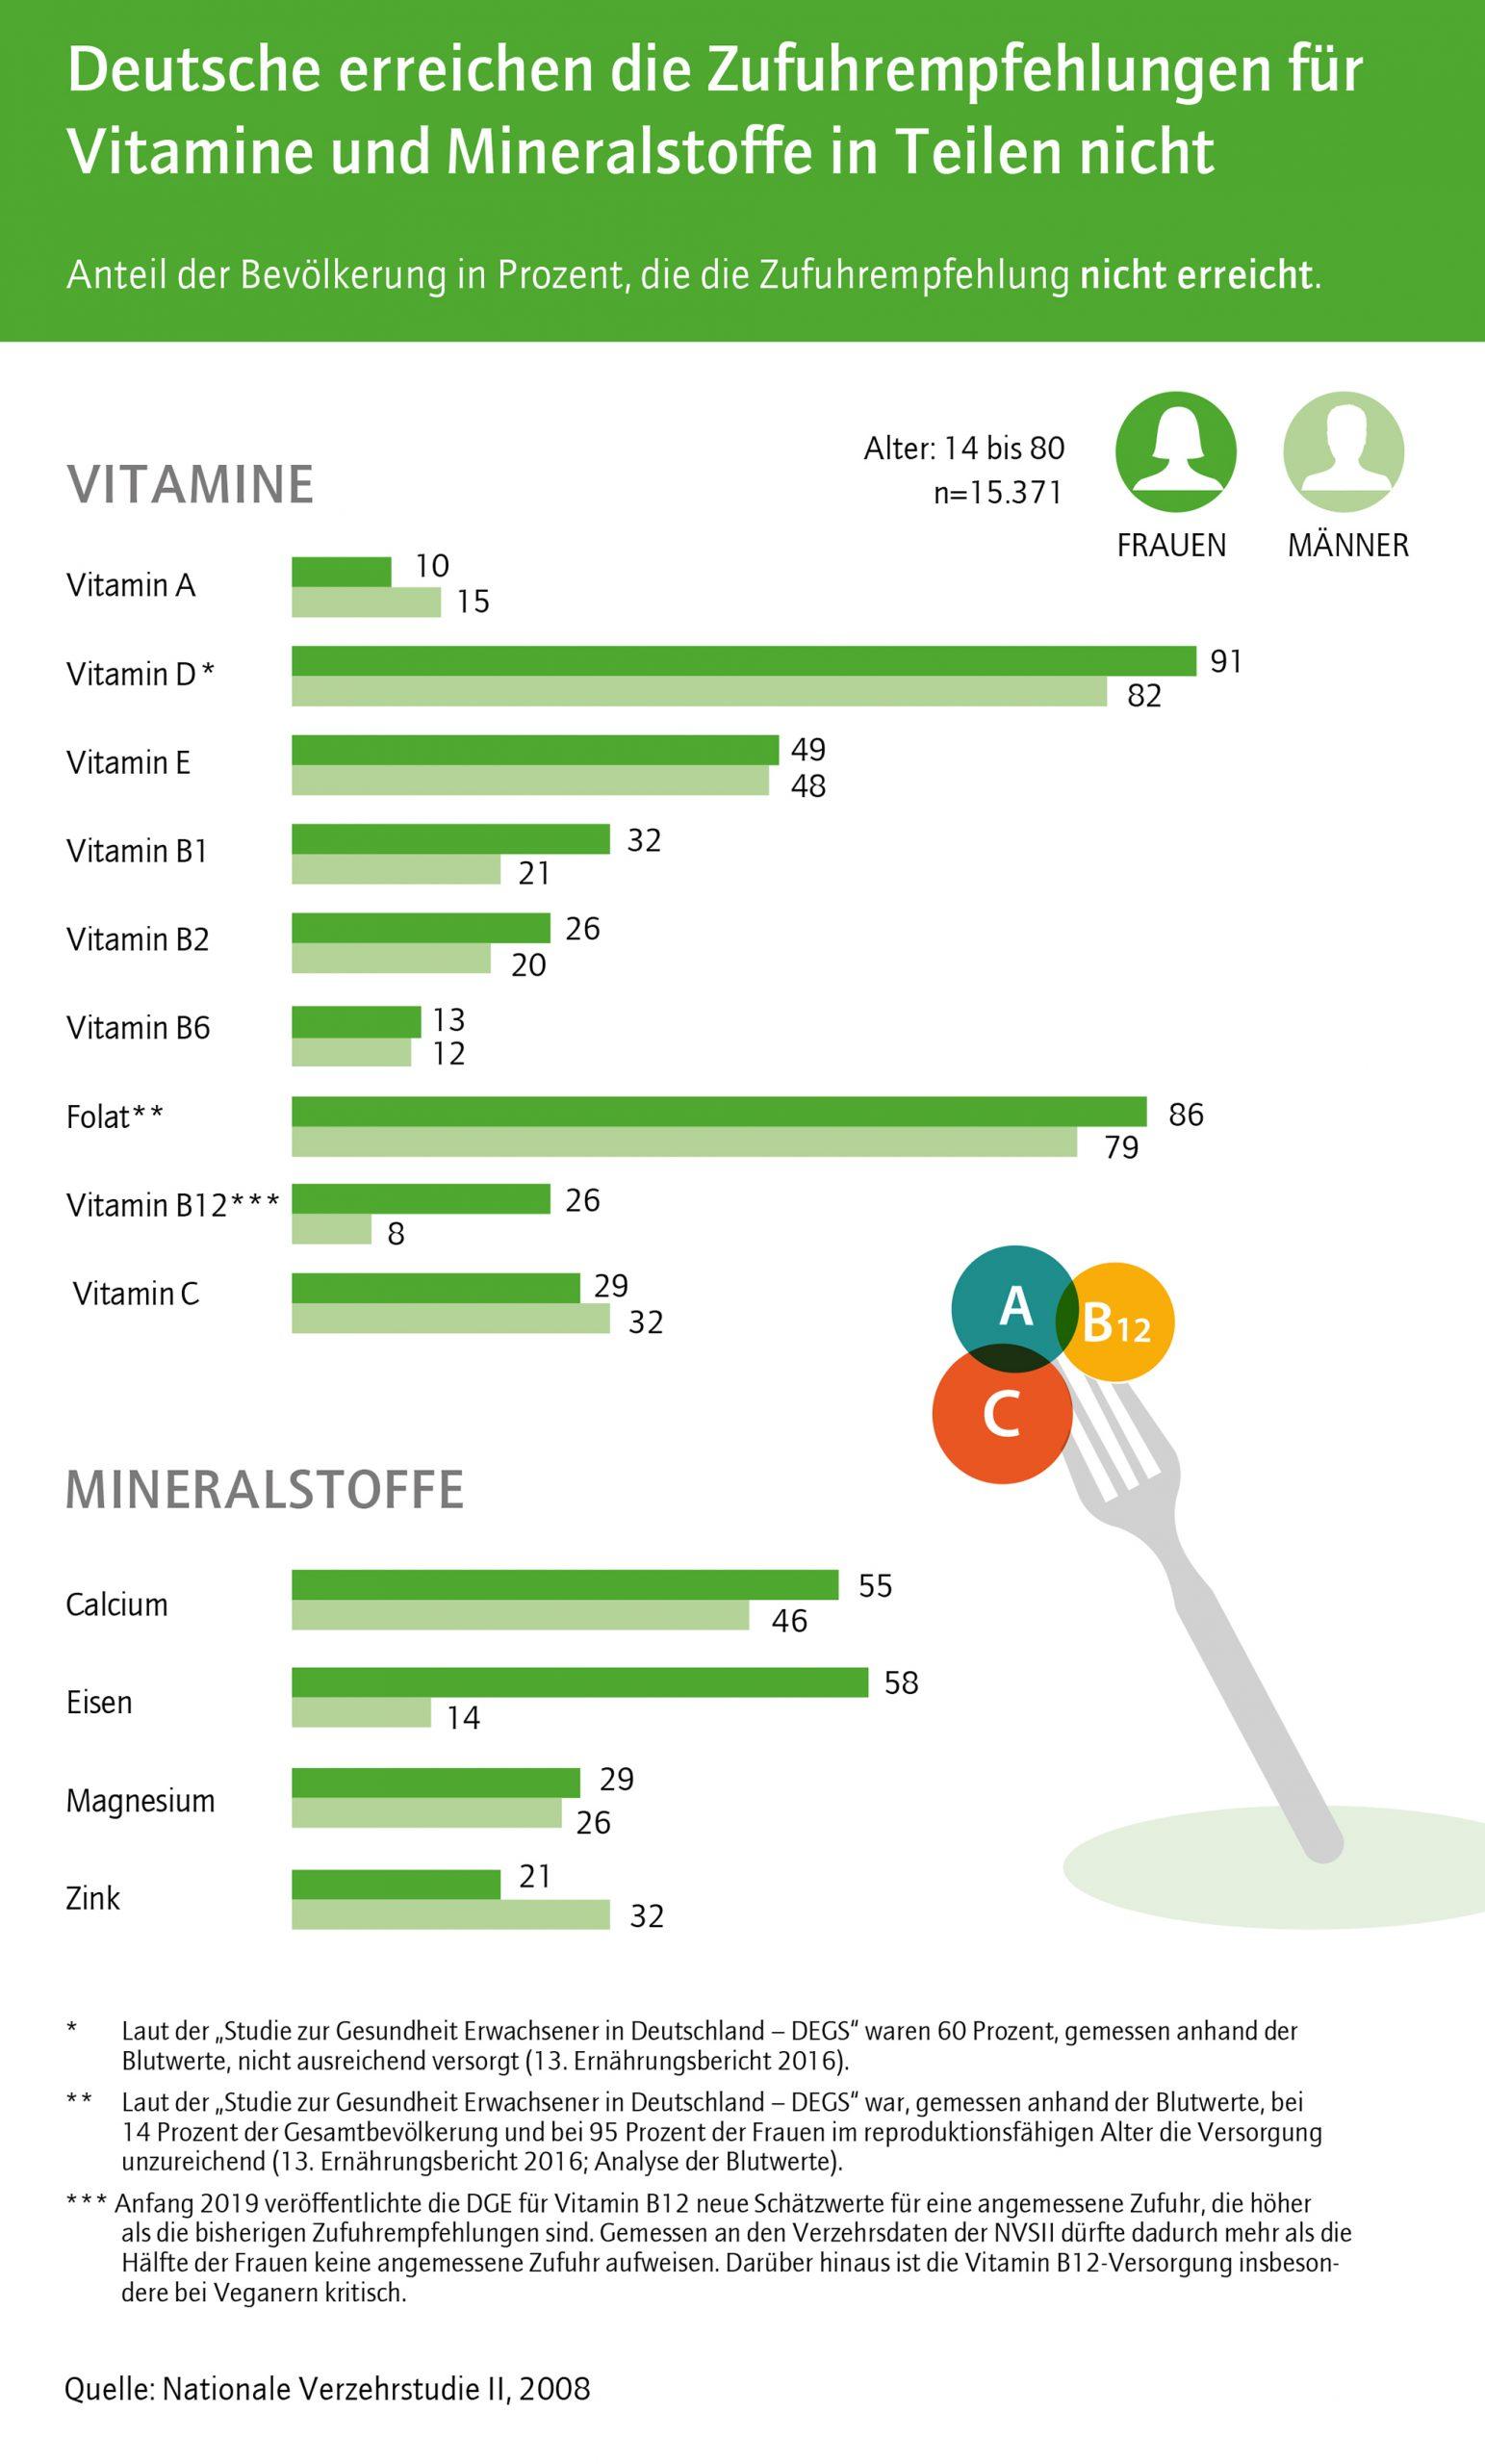 Deutsche erreichen Zufuhrempfehlungen für Vitamine und Mineralstoffe in Teilen nicht